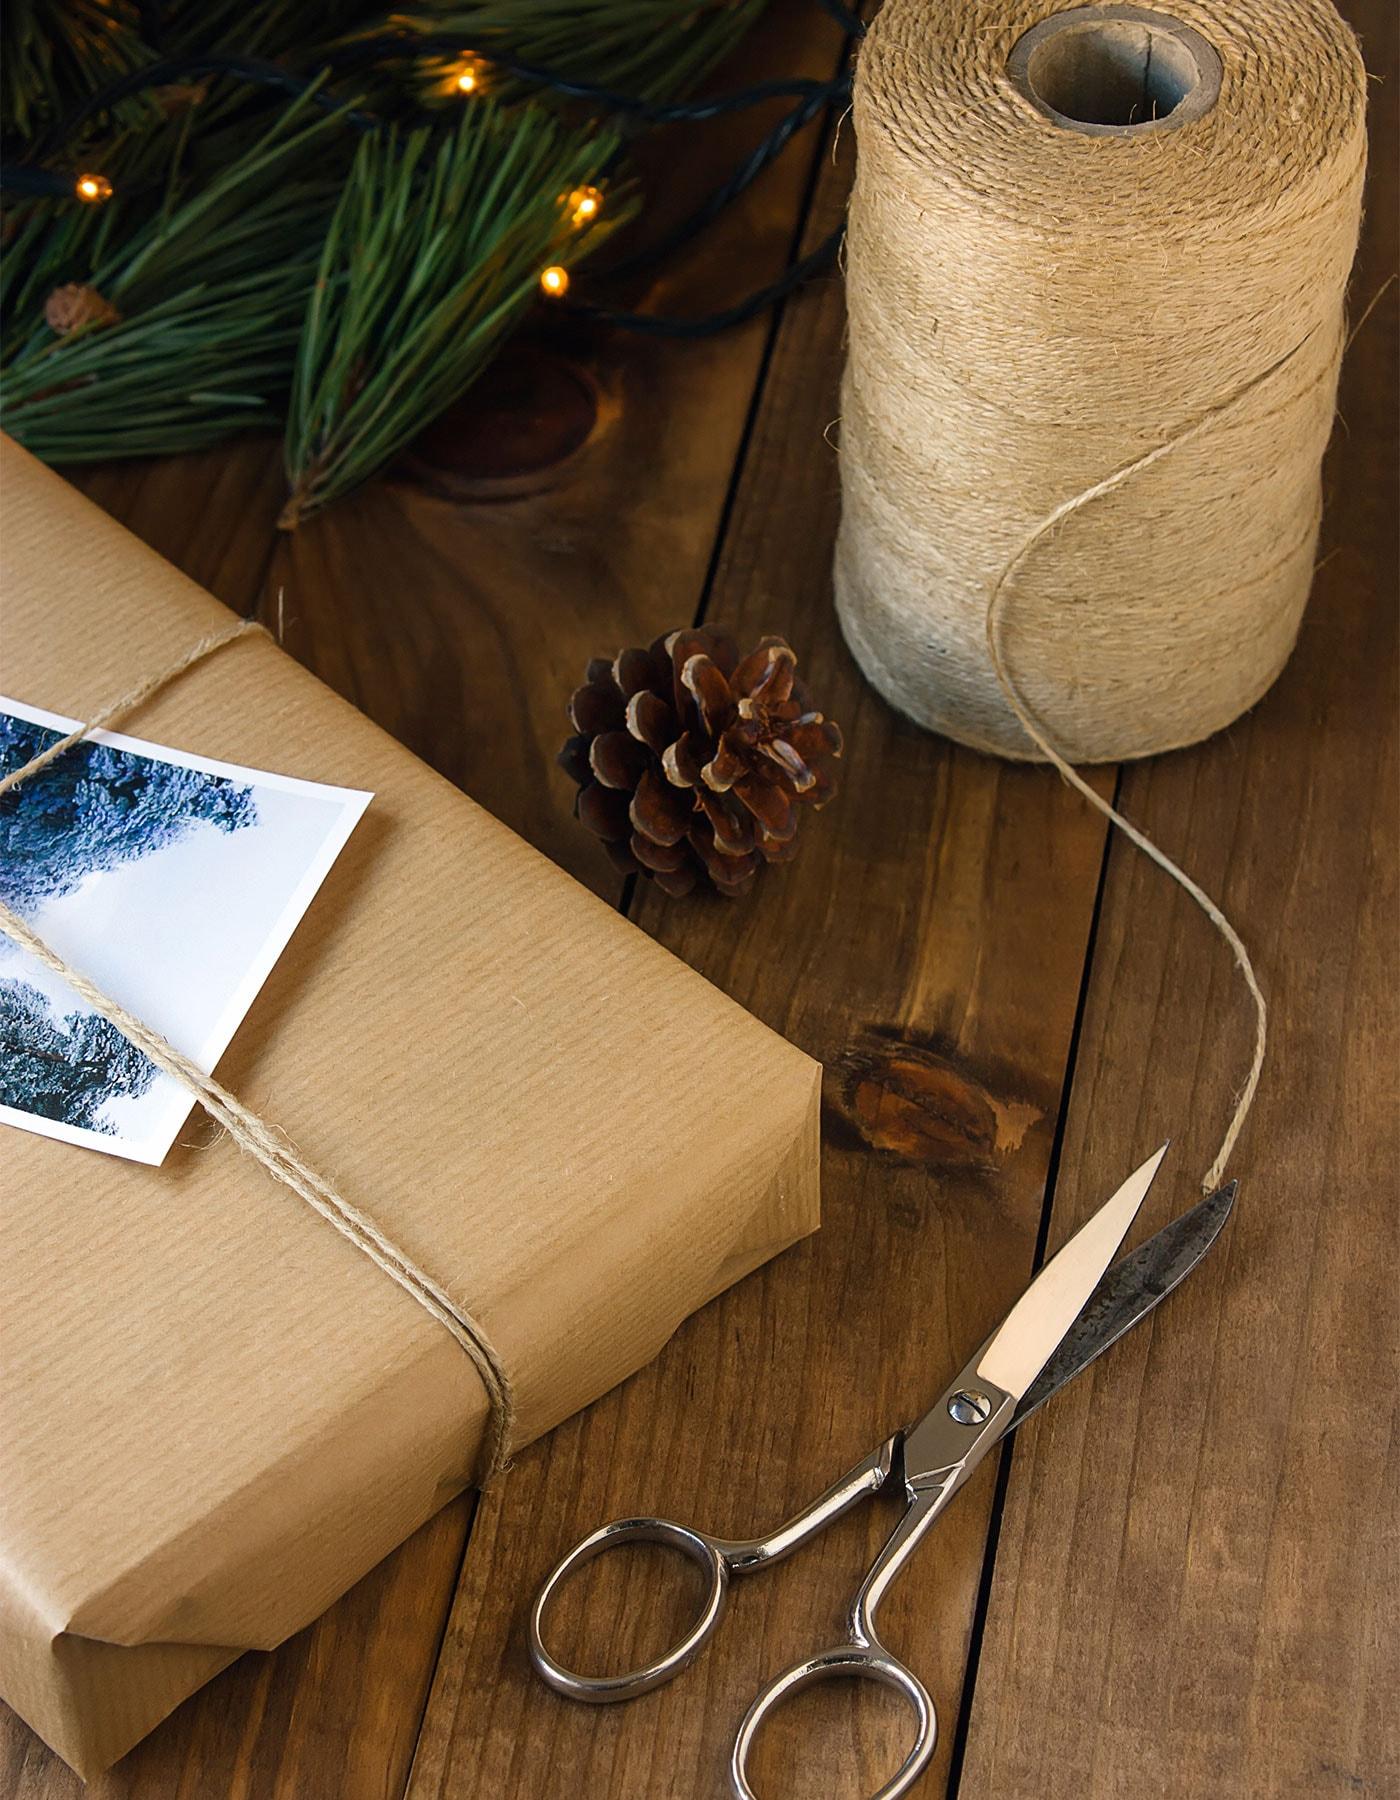 Weihnachtsfotos mit Blitz im Freien erstellen